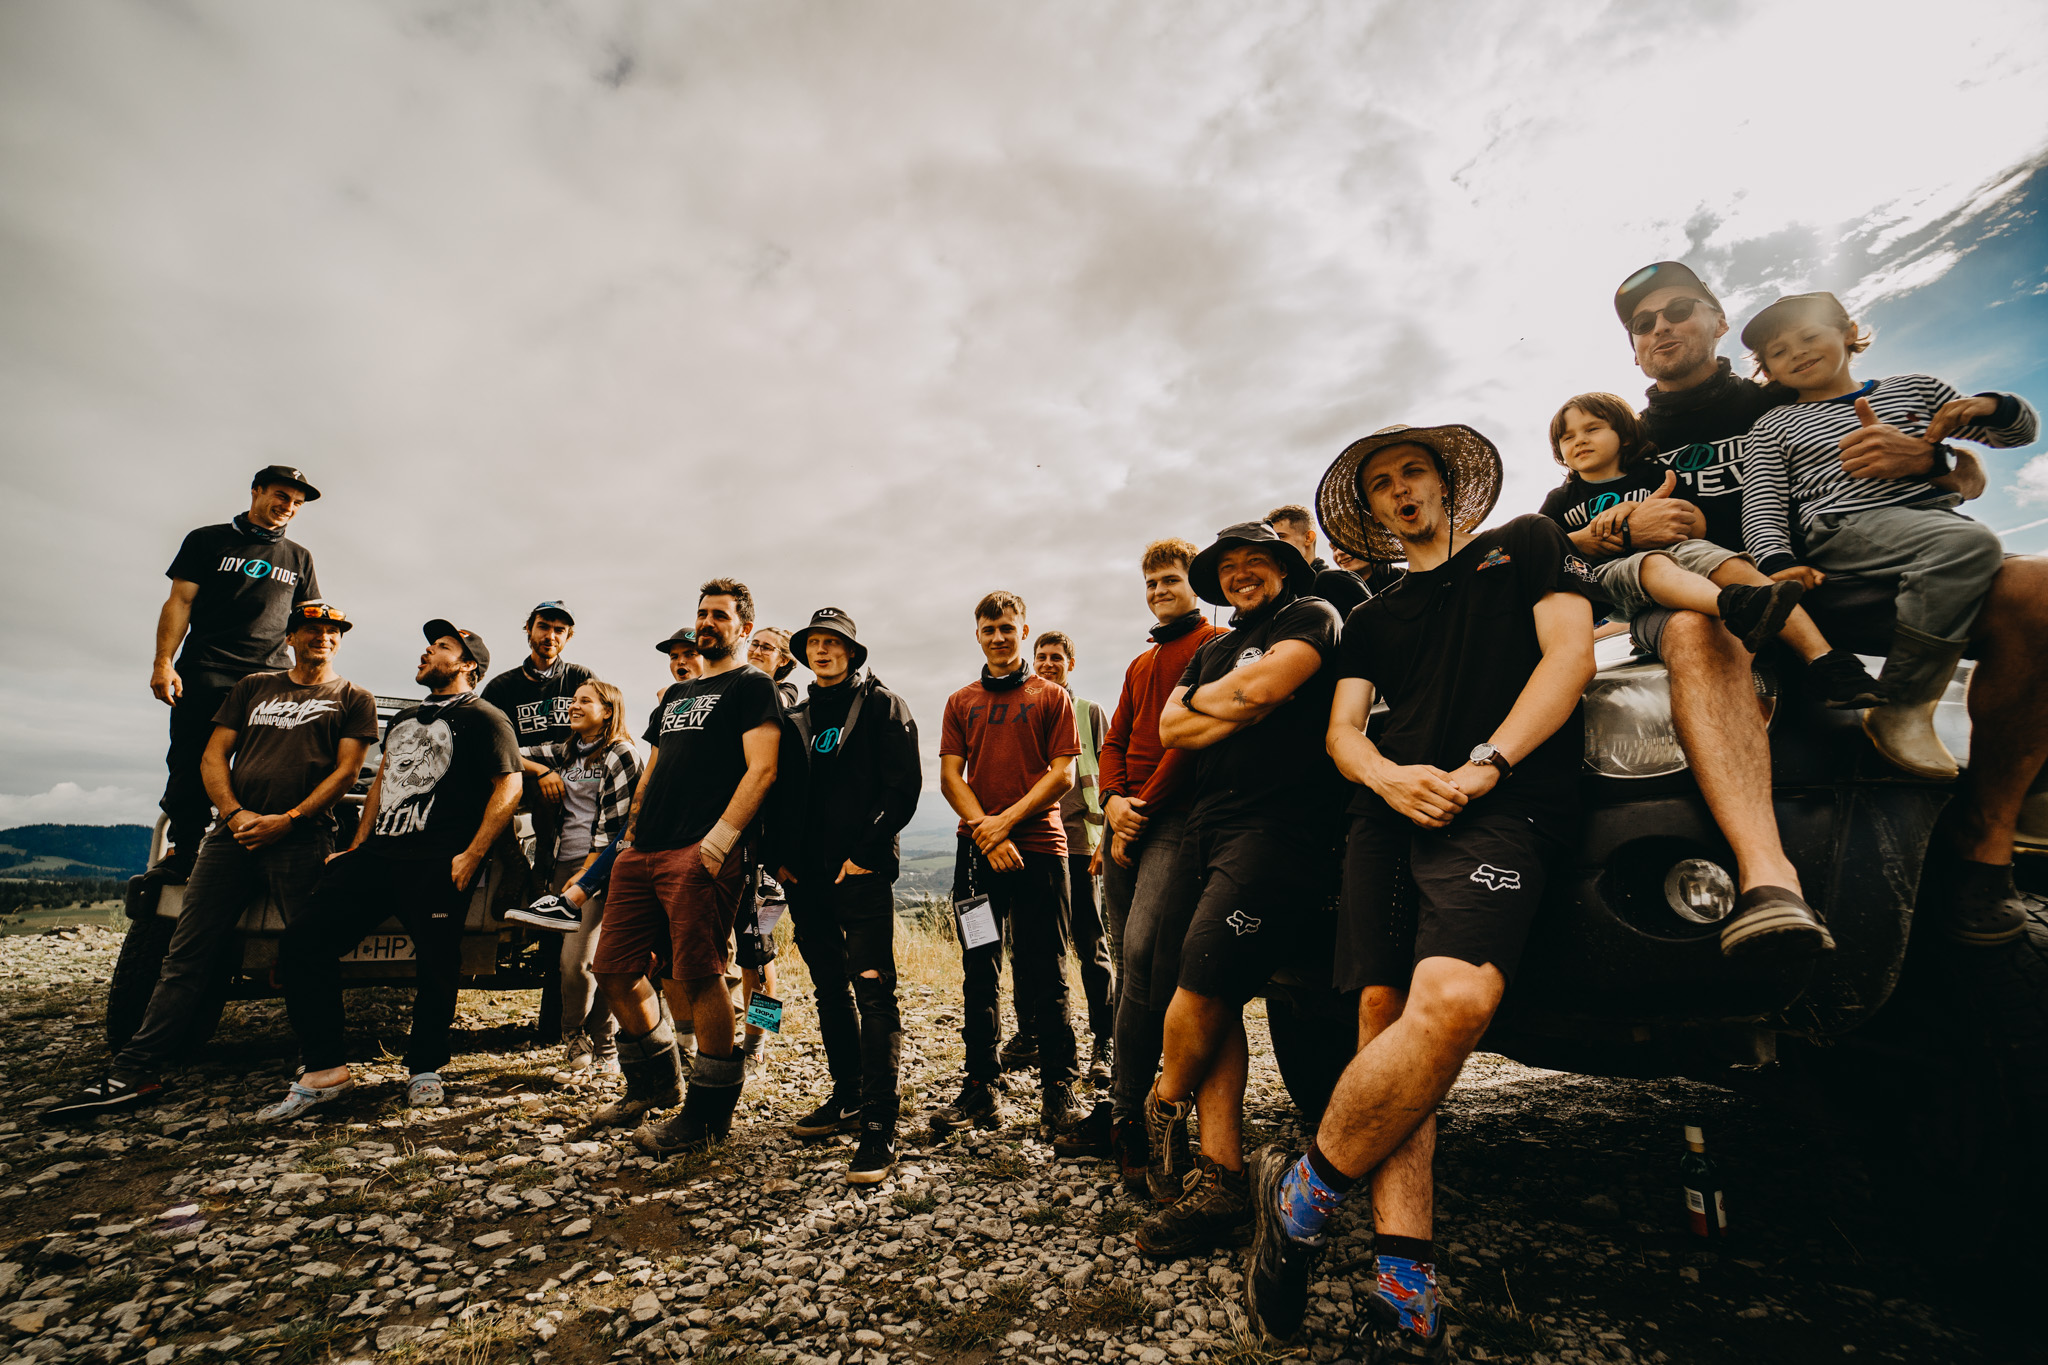 Małopolska Joy Ride Festiwal 2020 – Puchar jest NASZ!